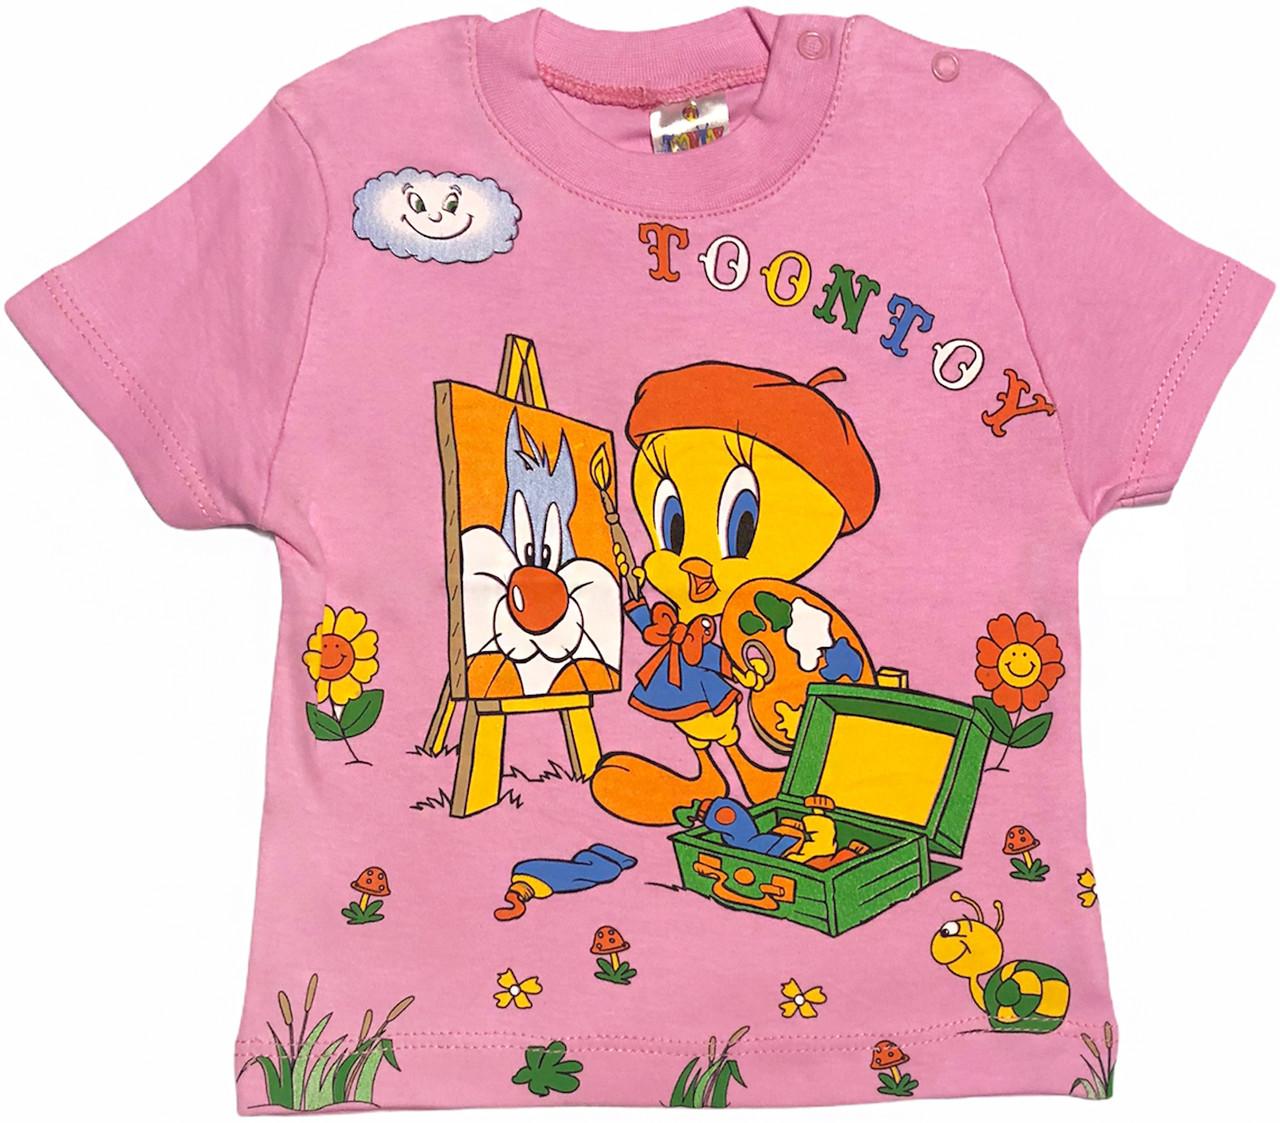 Детская футболка на девочку рост 86 1-1,5 года для новорожденных малышей с принтом красивая трикотаж розовая